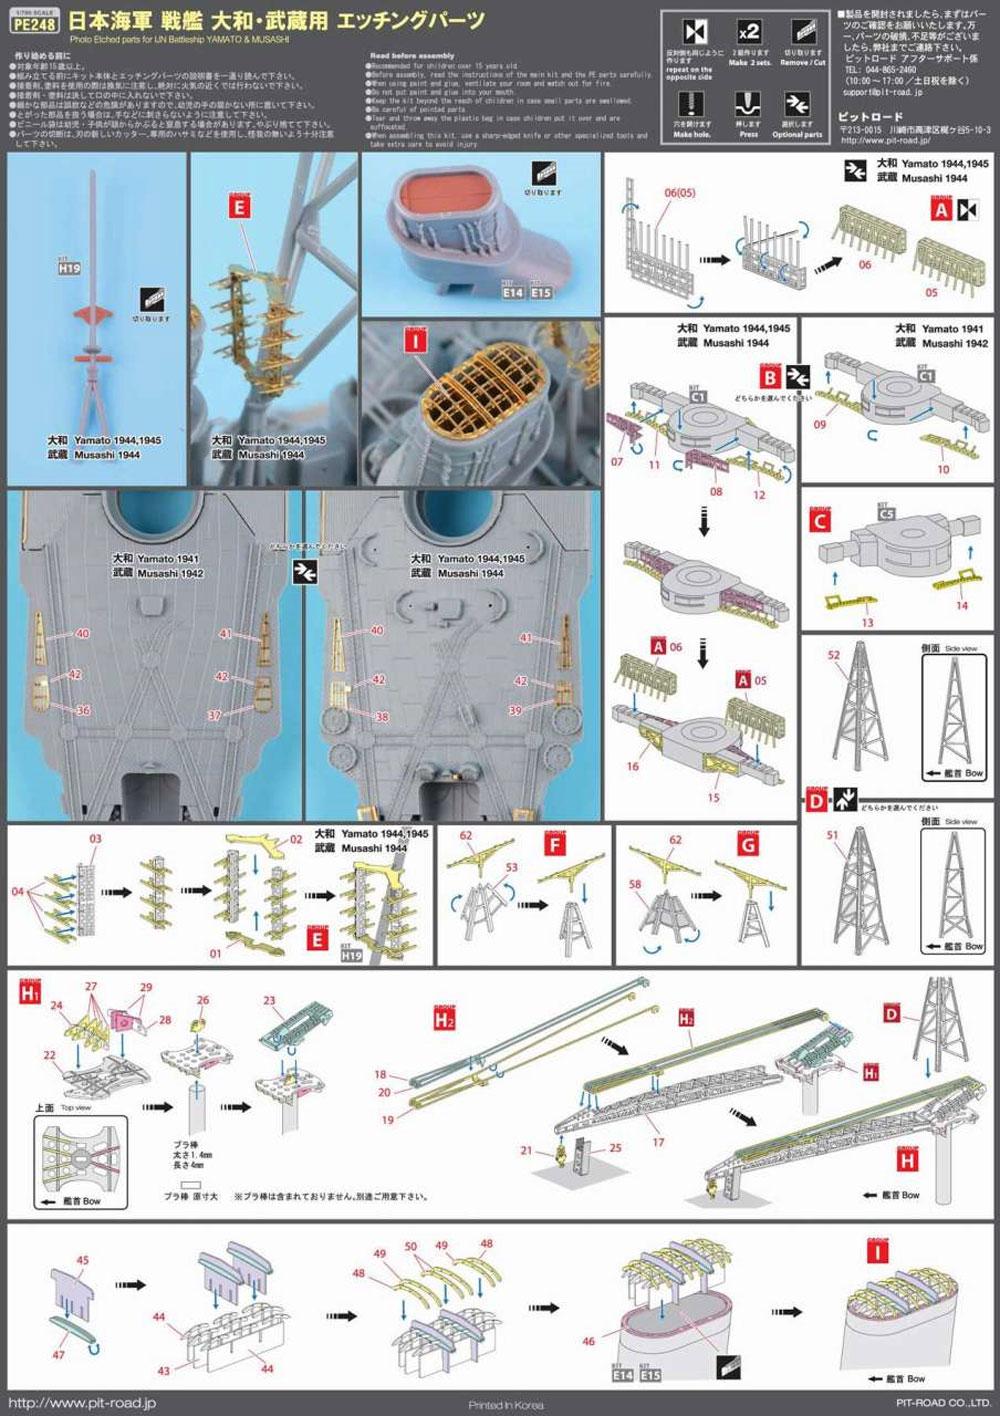 日本海軍 戦艦 武蔵 レイテ沖海戦時 エッチングパーツ付プラモデル(ピットロード1/700 スカイウェーブ W シリーズNo.W201E)商品画像_3